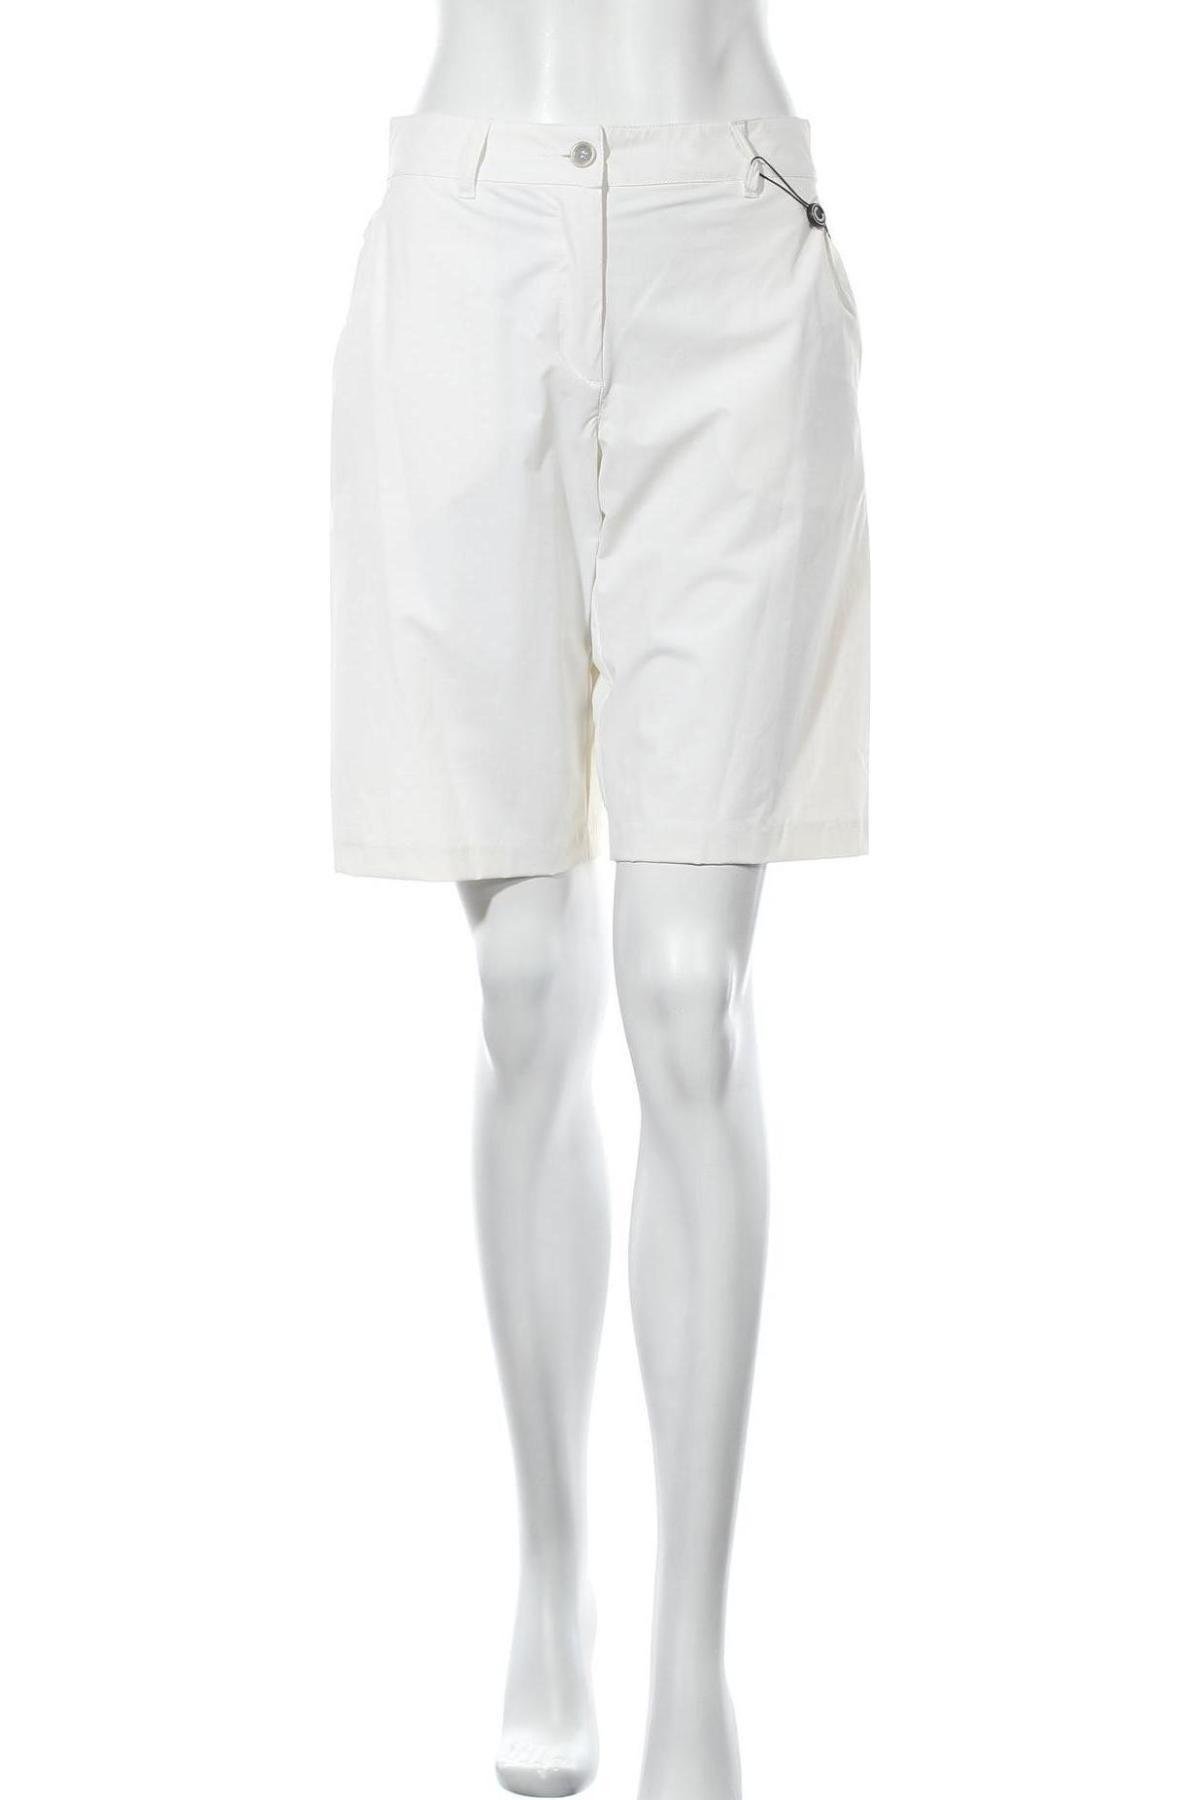 Γυναικείο κοντό παντελόνι Colmar, Μέγεθος S, Χρώμα Εκρού, 83% πολυαμίδη, 17% ελαστάνη, Τιμή 38,40€